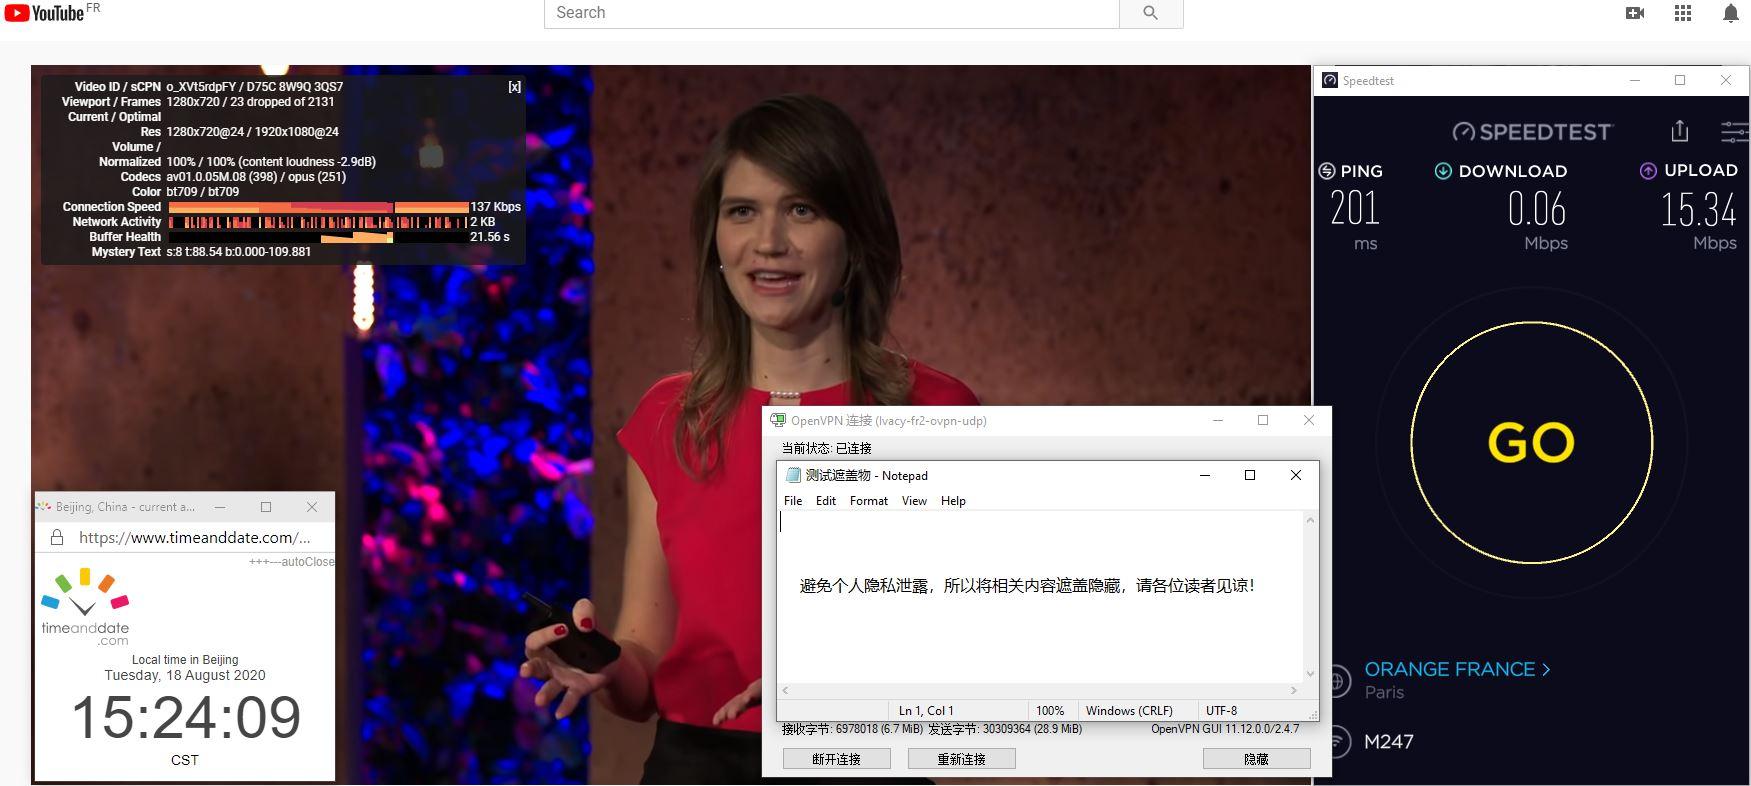 Windows10 IvacyVPN OpenVPN fr2 中国VPN 翻墙 科学上网 翻墙速度测试 - 20200818